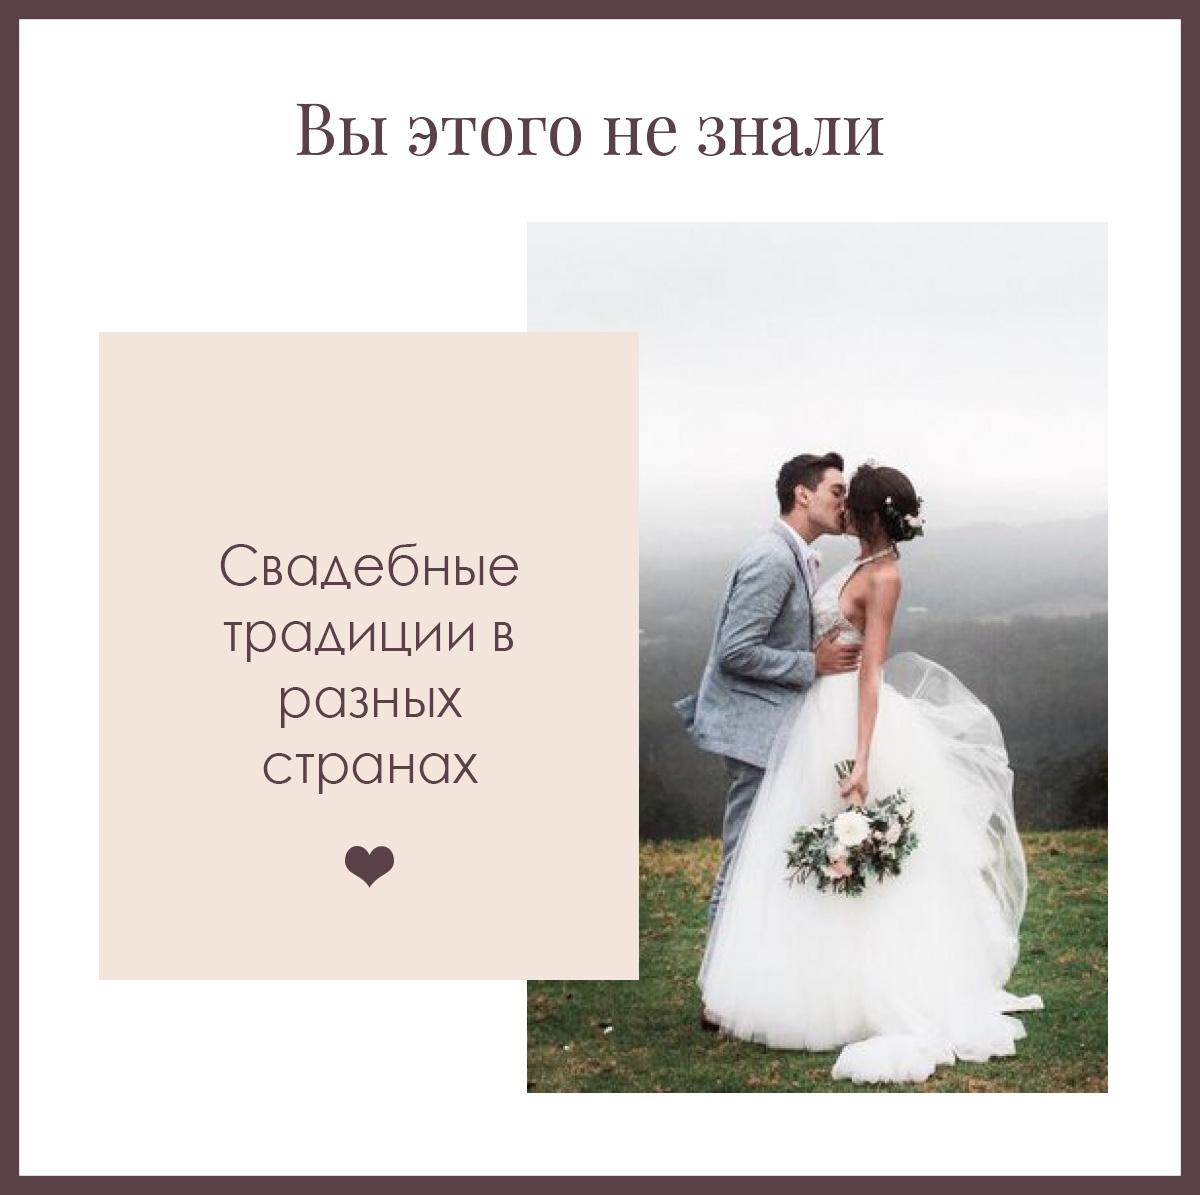 Свадебные традиции в разных странах